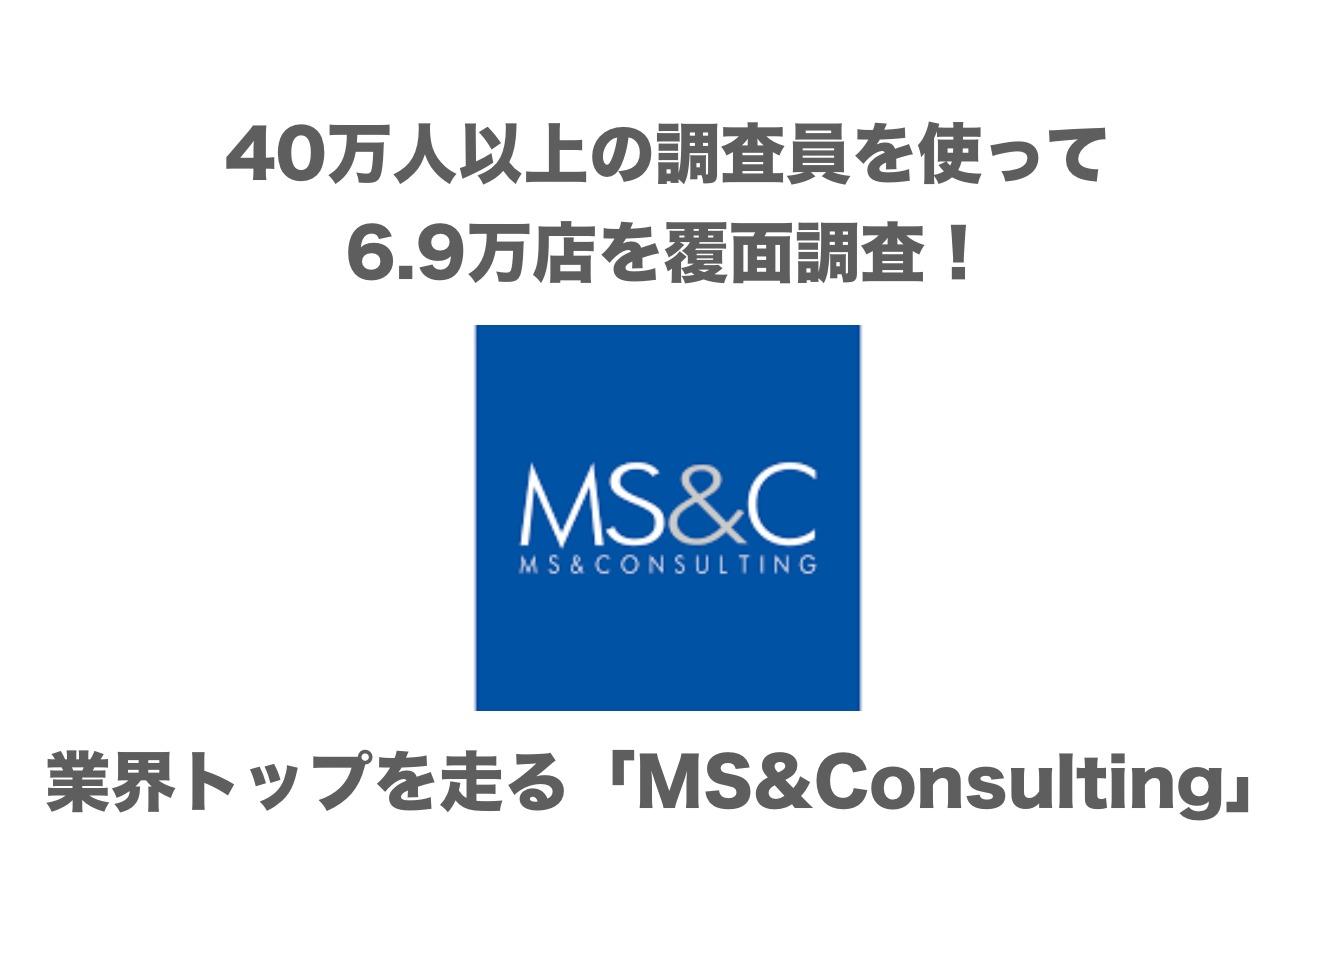 6.9万店を覆面調査!40万人以上の調査員を武器に業界トップを走る「MS&Consulting」